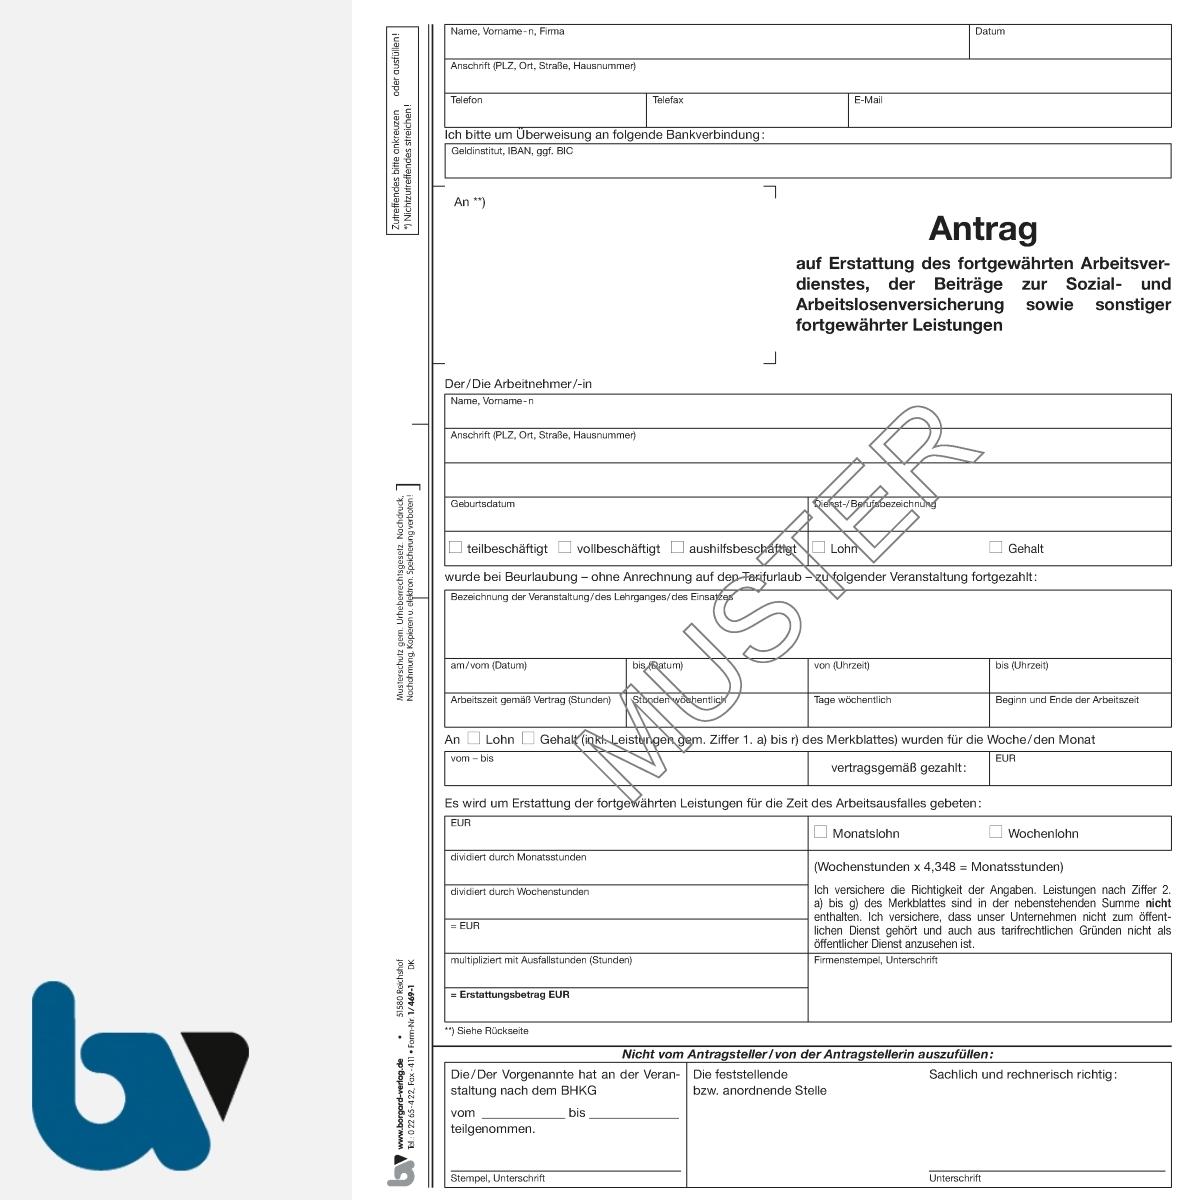 1/469-1 Antrag Erstattung fortgewährt Arbeitsverdienst Sozial Arbeitslosenversicherung sonstige Leistungen Feuerwehr NRW BHKG DIN A4 VS   Borgard Verlag GmbH